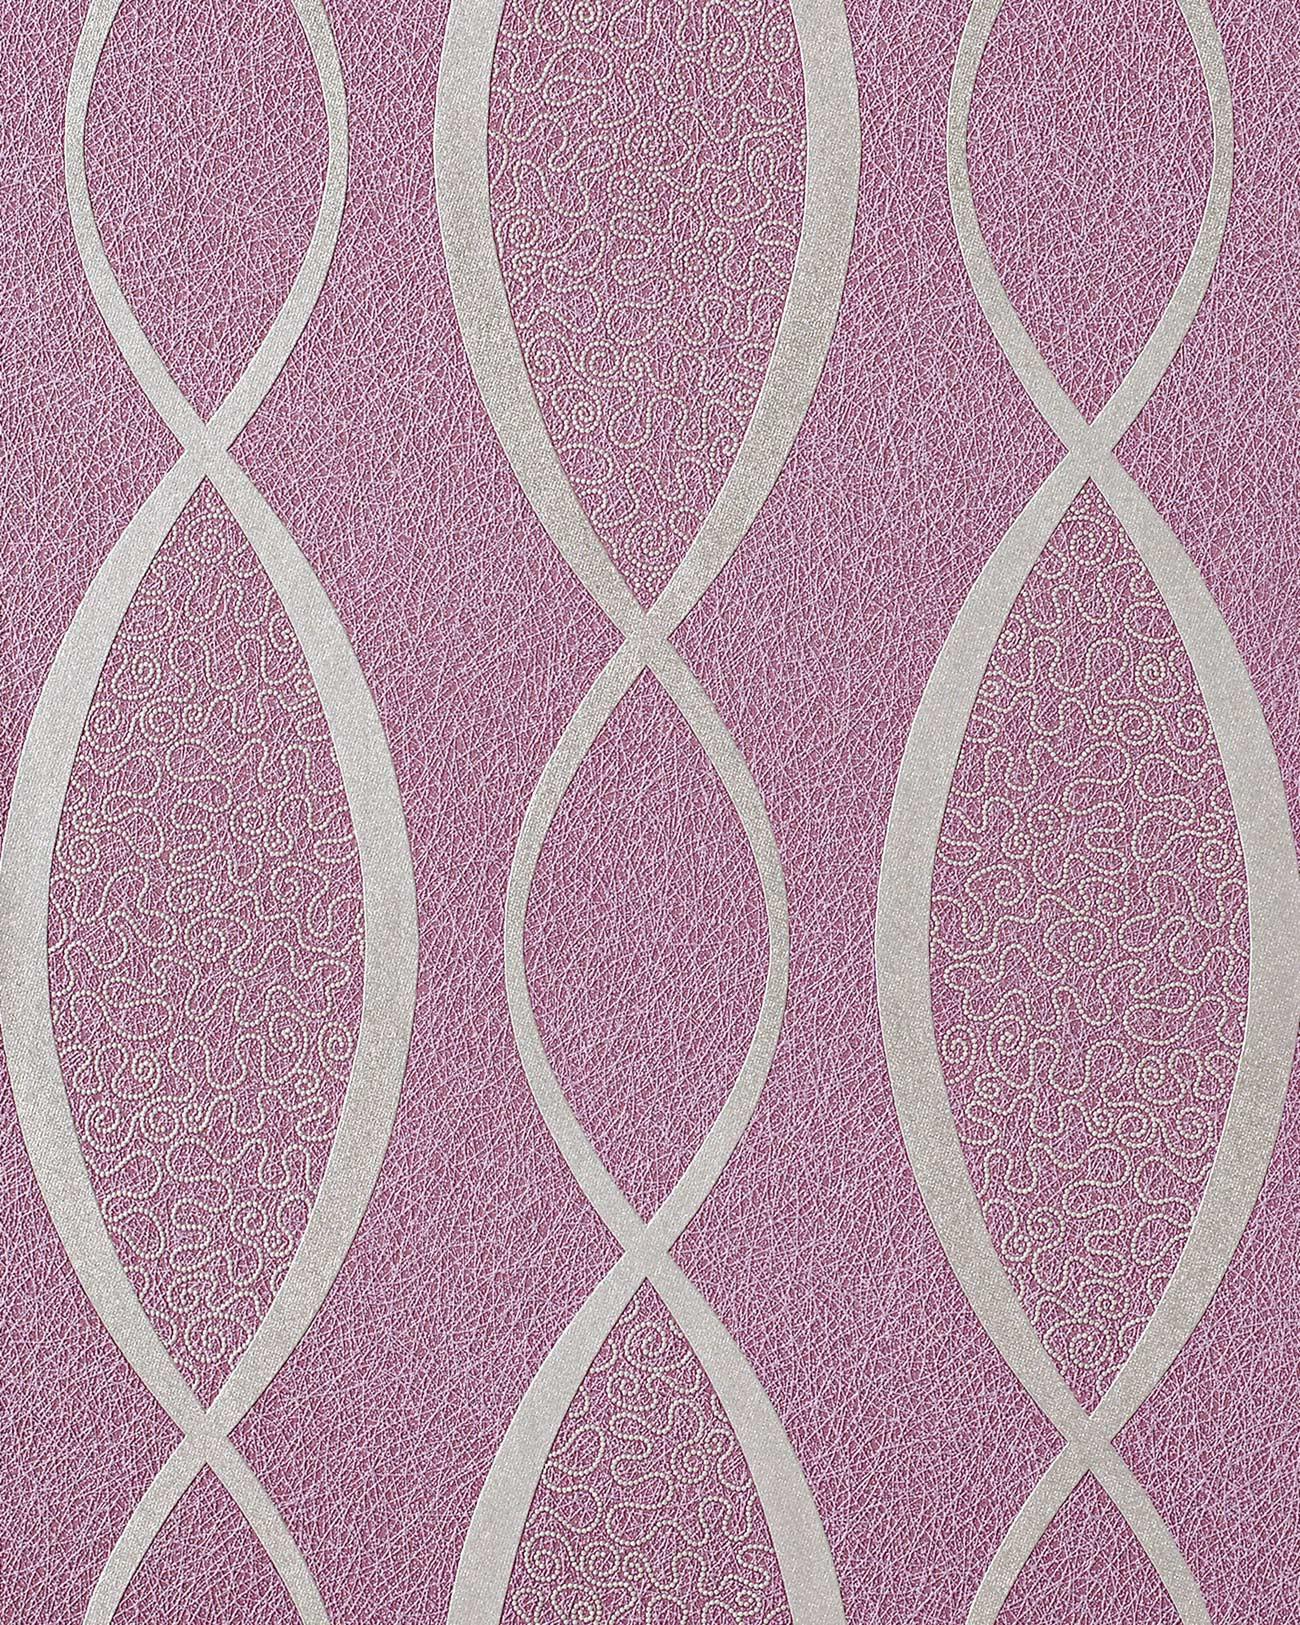 Papel pintado retro edem 1018 14 estilo a os 70 l neas - Papel pintado anos 70 ...